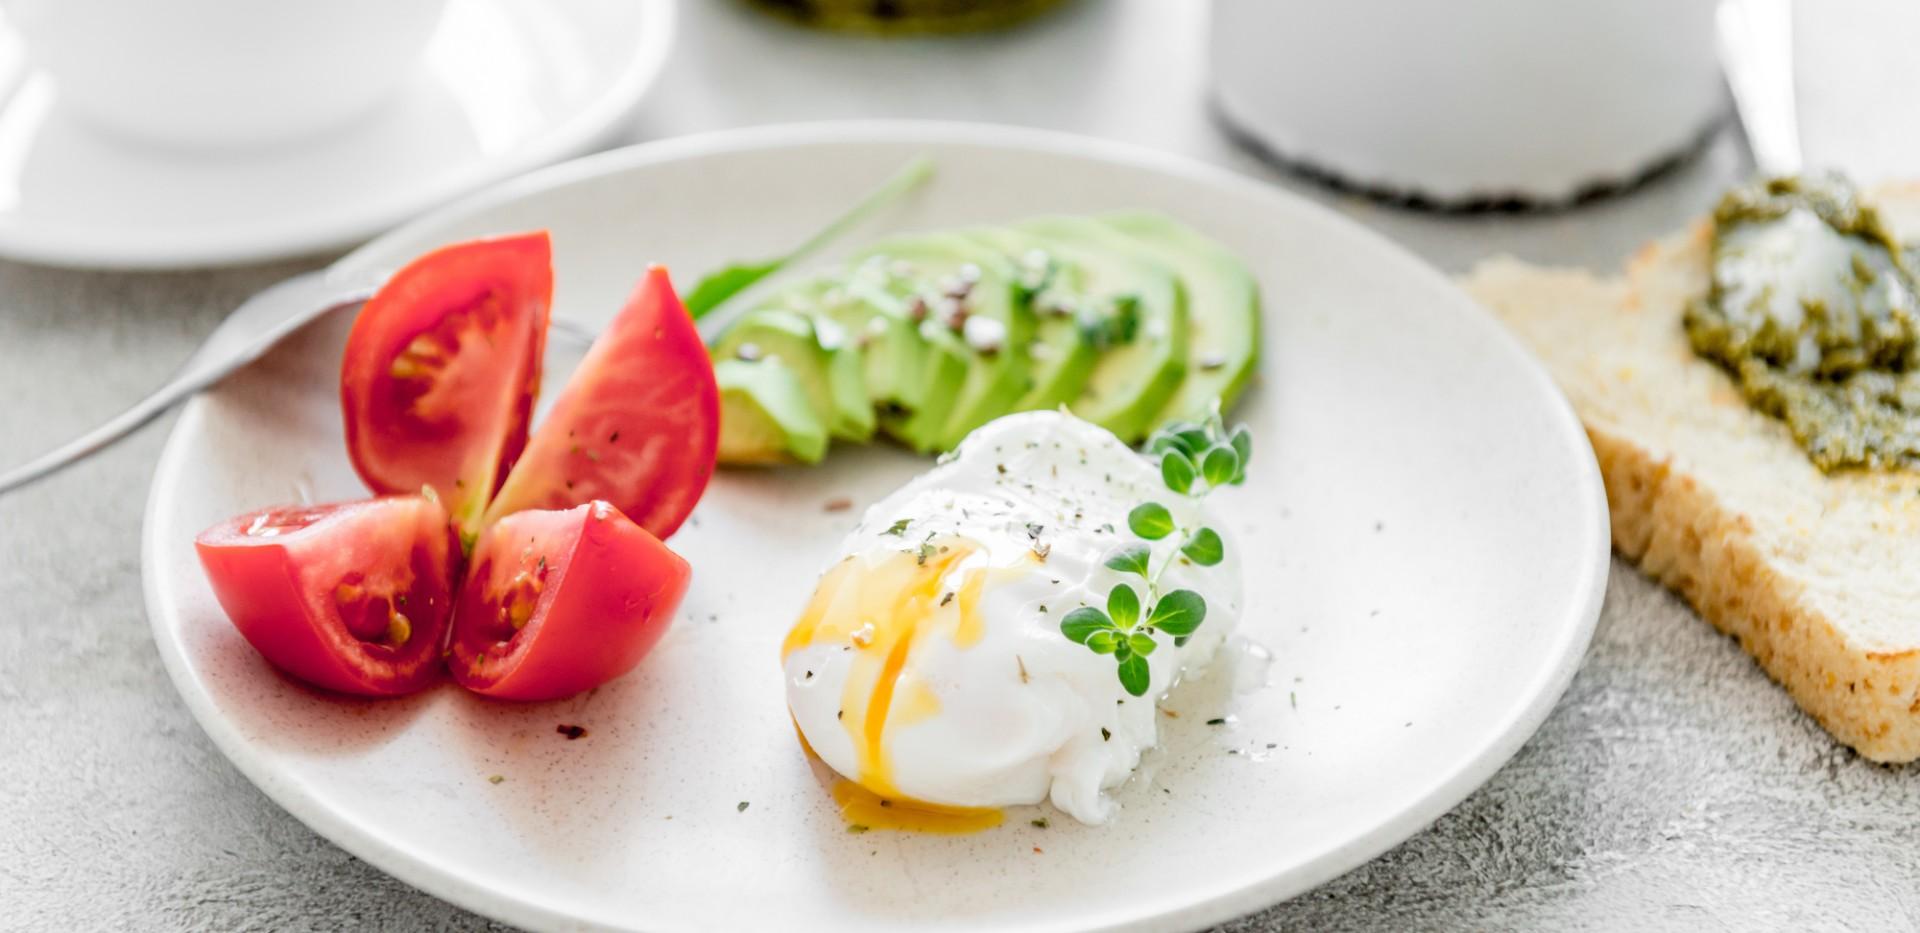 legjobb fogyókúrás reggelik